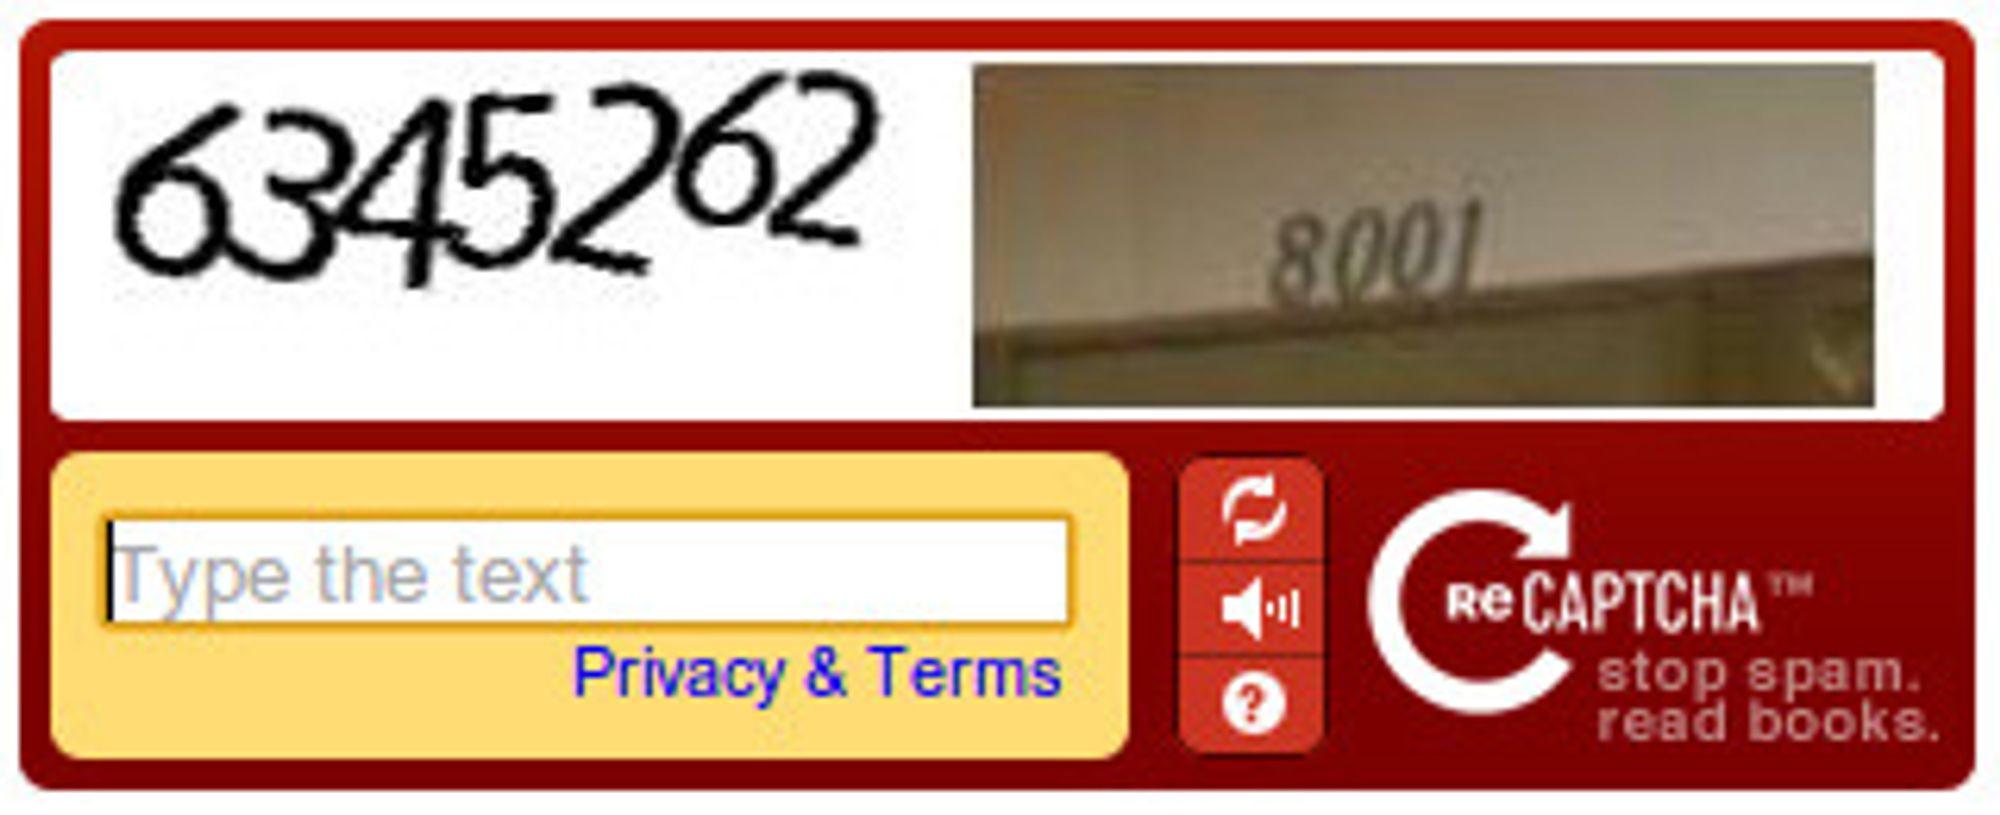 Captchaer med tall i stedet for bokstaver er helt sikkert enklere å løse enn , både for mennesker og maskiner, men ifølge Google vil maskinene aldri se denne typen captchaer fra selskapets reCaptcha-tjeneste.